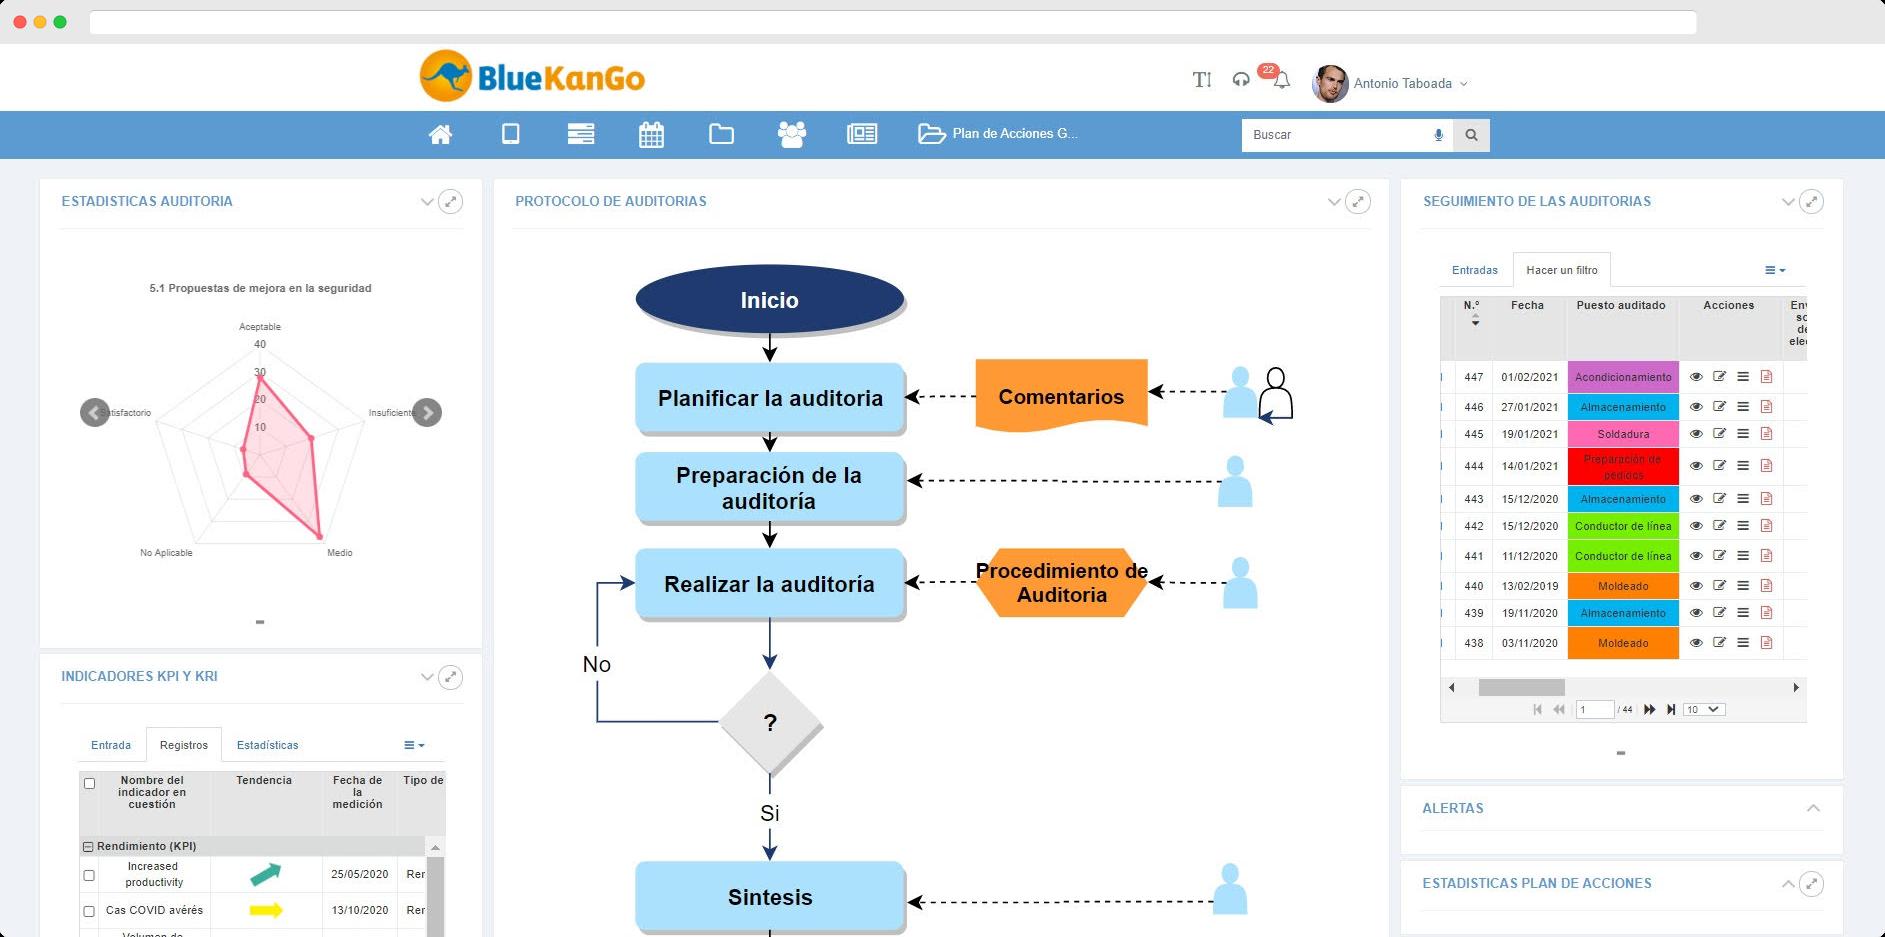 Captura de pantalla de la plataforma BlueKanGo sobre la aplicación Auditoría in Situ con smartphone y tableta